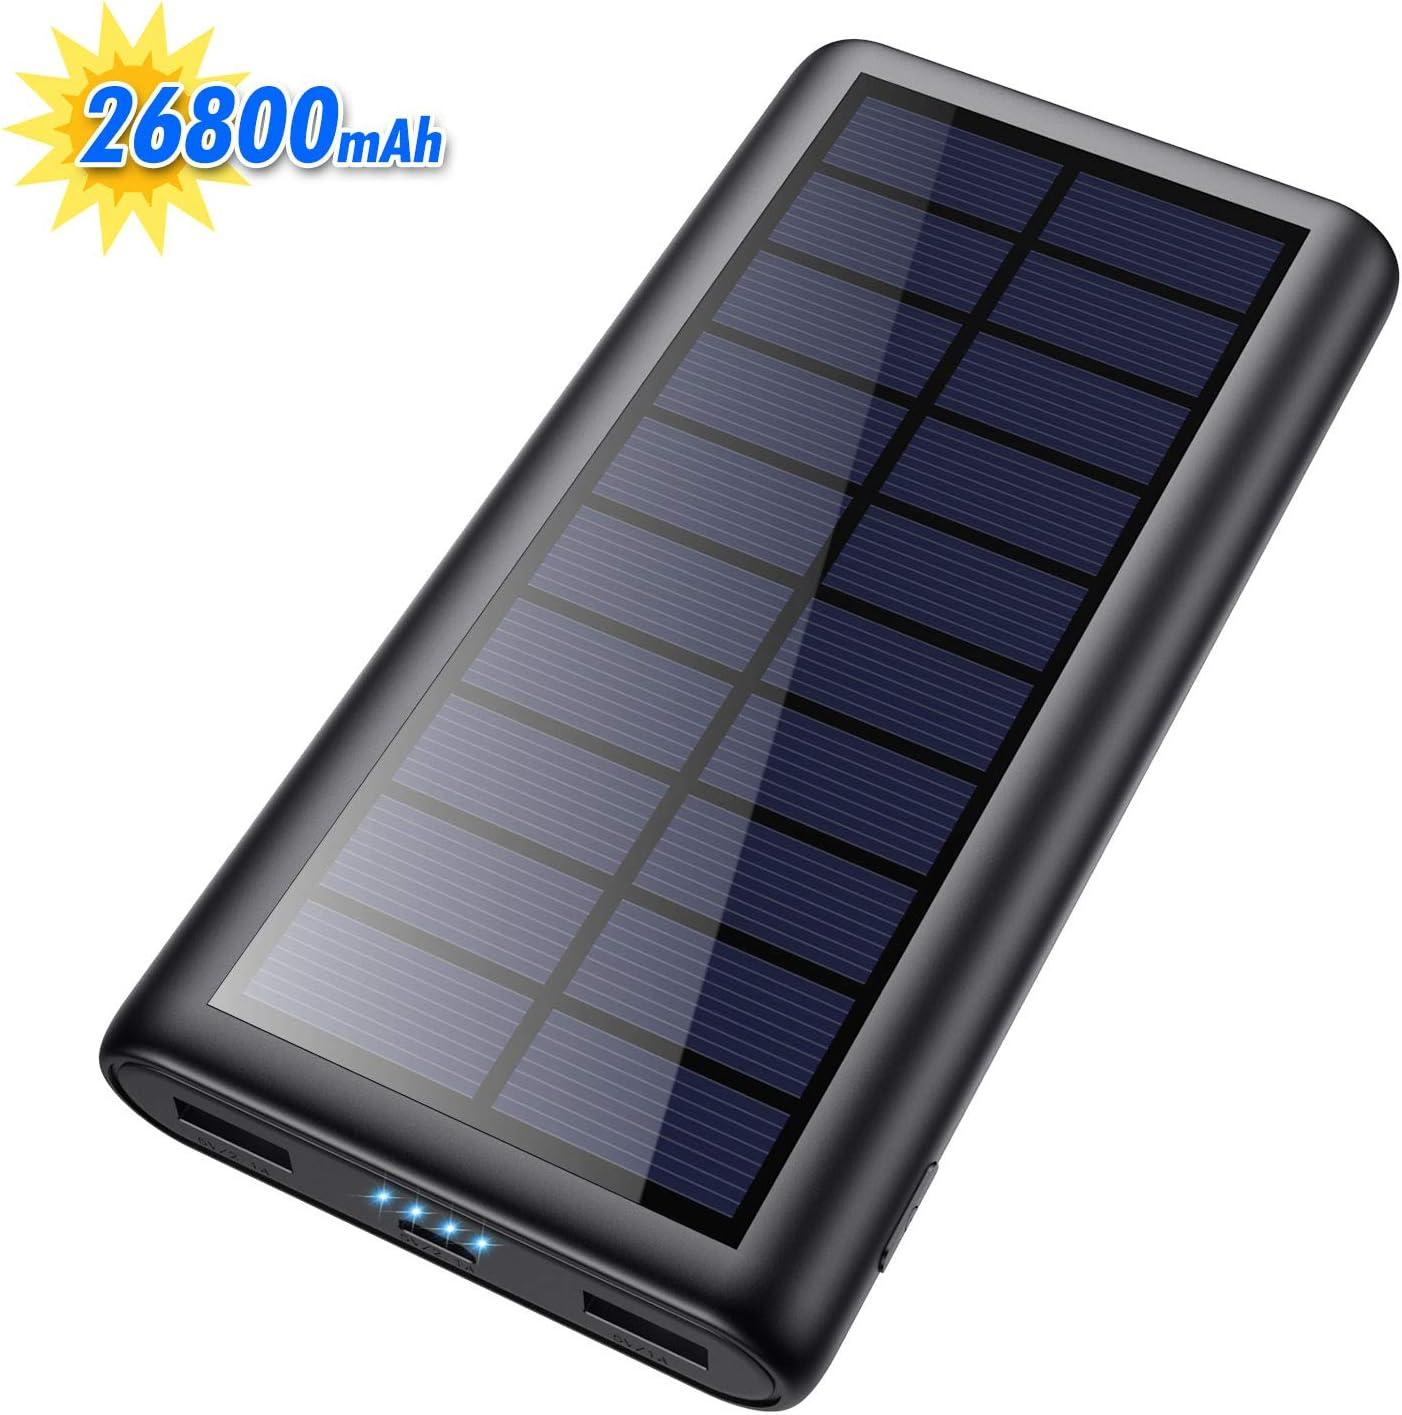 HETP Cargador Solar 26800mA Power Bank con 2 USB Puertos de Salida Simultánea Batería Externa Solar Powerbank Carga Rapida para Teléfono Inteligente,Ipad,Tablet,Drone,Reloj Inteligente,Cámara etc